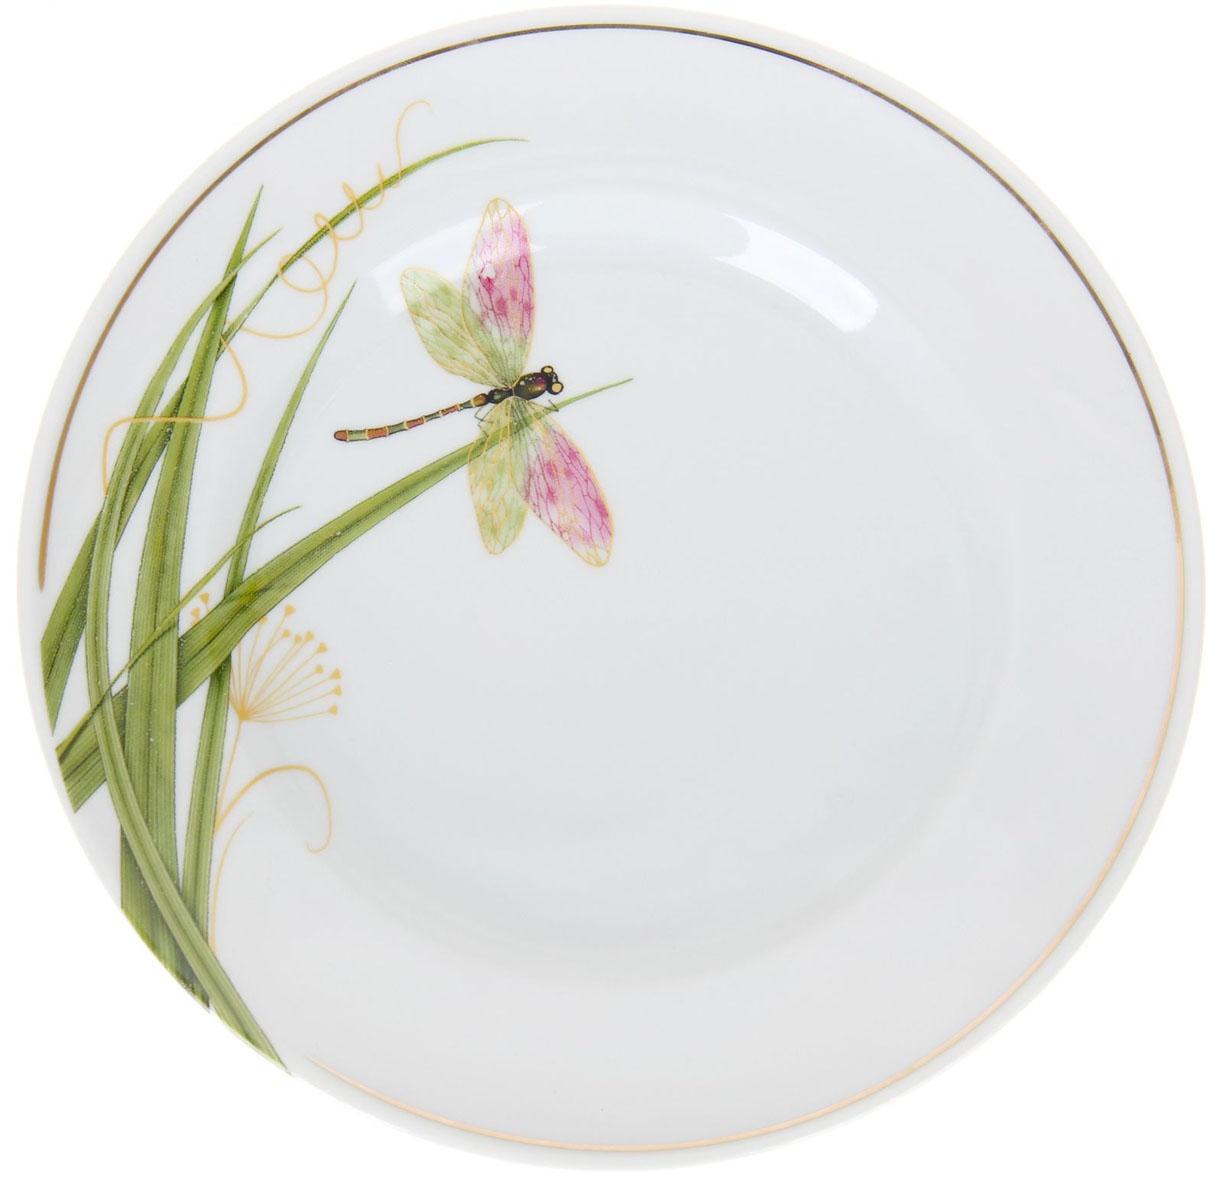 Тарелка мелкая Идиллия. Стрекоза, диаметр 20 см1225769Глубокая тарелка Идиллия. Стрекоза выполнена из высококачественного фарфора и украшена ярким изображением. Она прекрасно впишется в интерьер вашей кухни и станет достойным дополнением к кухонному инвентарю. Тарелка Идиллия. Стрекоза подчеркнет прекрасный вкус хозяйки и станет отличным подарком.